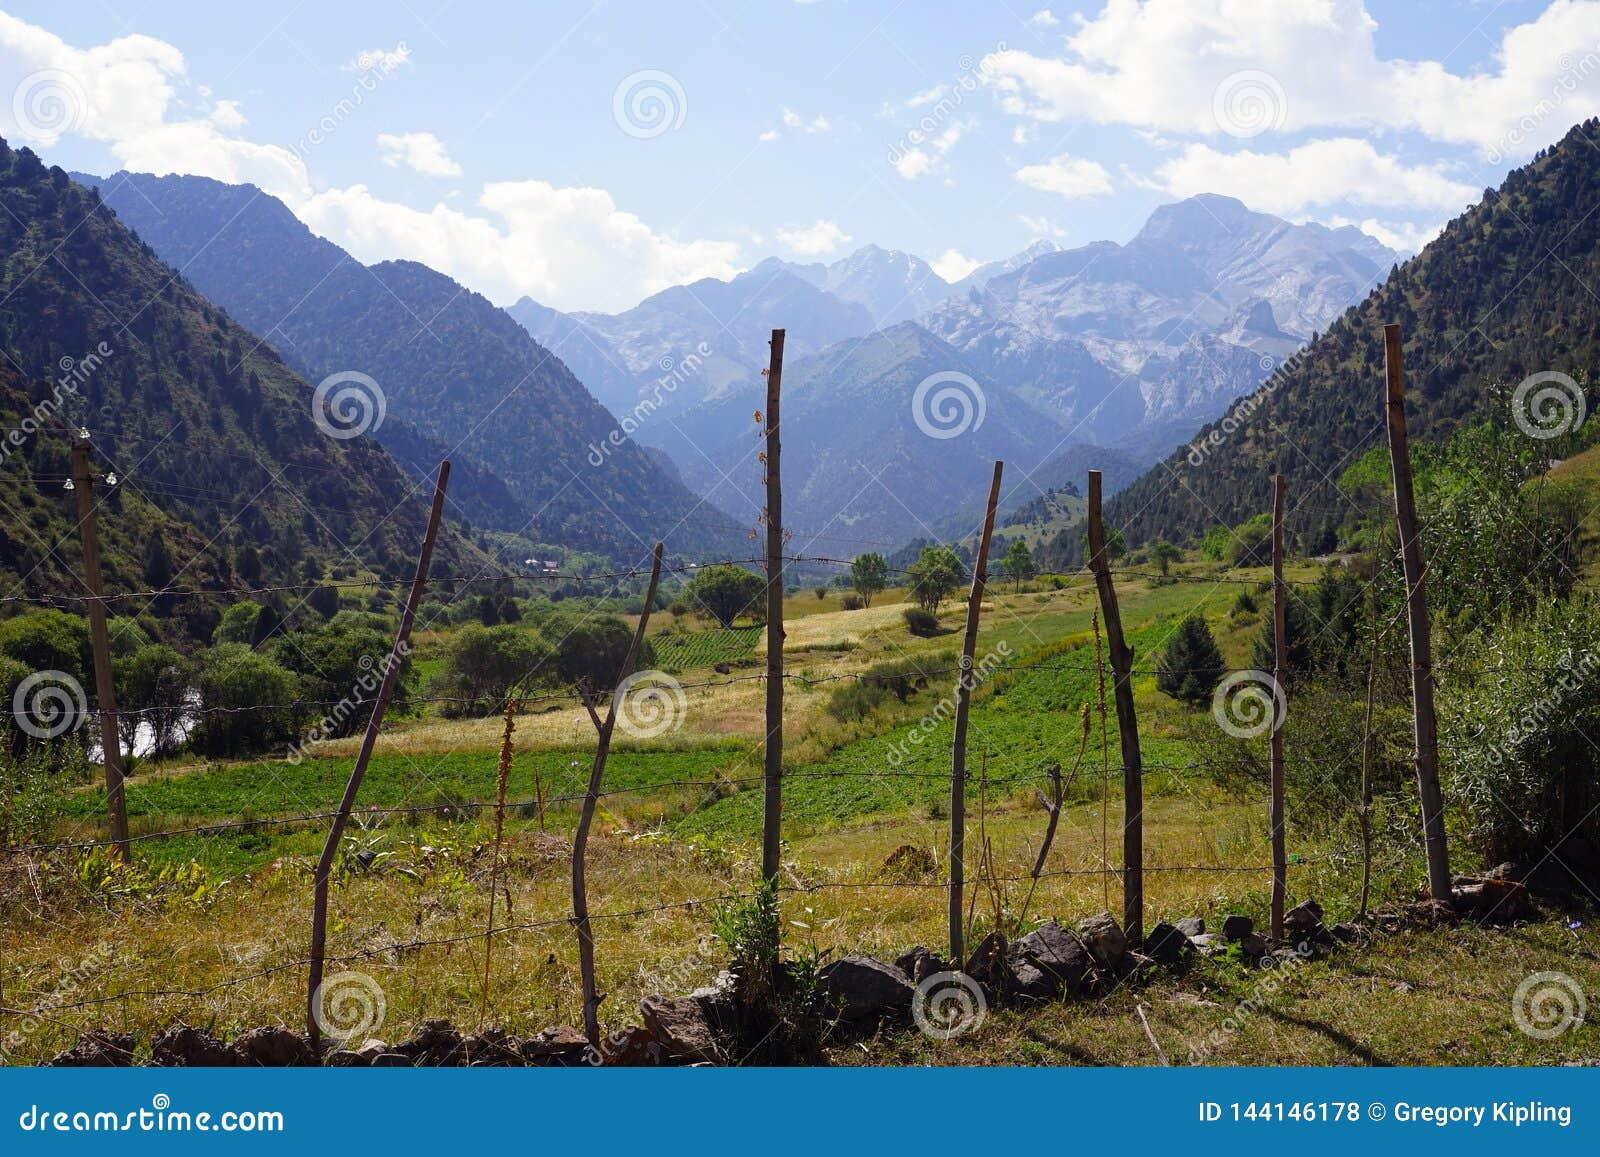 Bergvallei dichtbij Kyrgyz Ata National Park, Kyrgyzstan